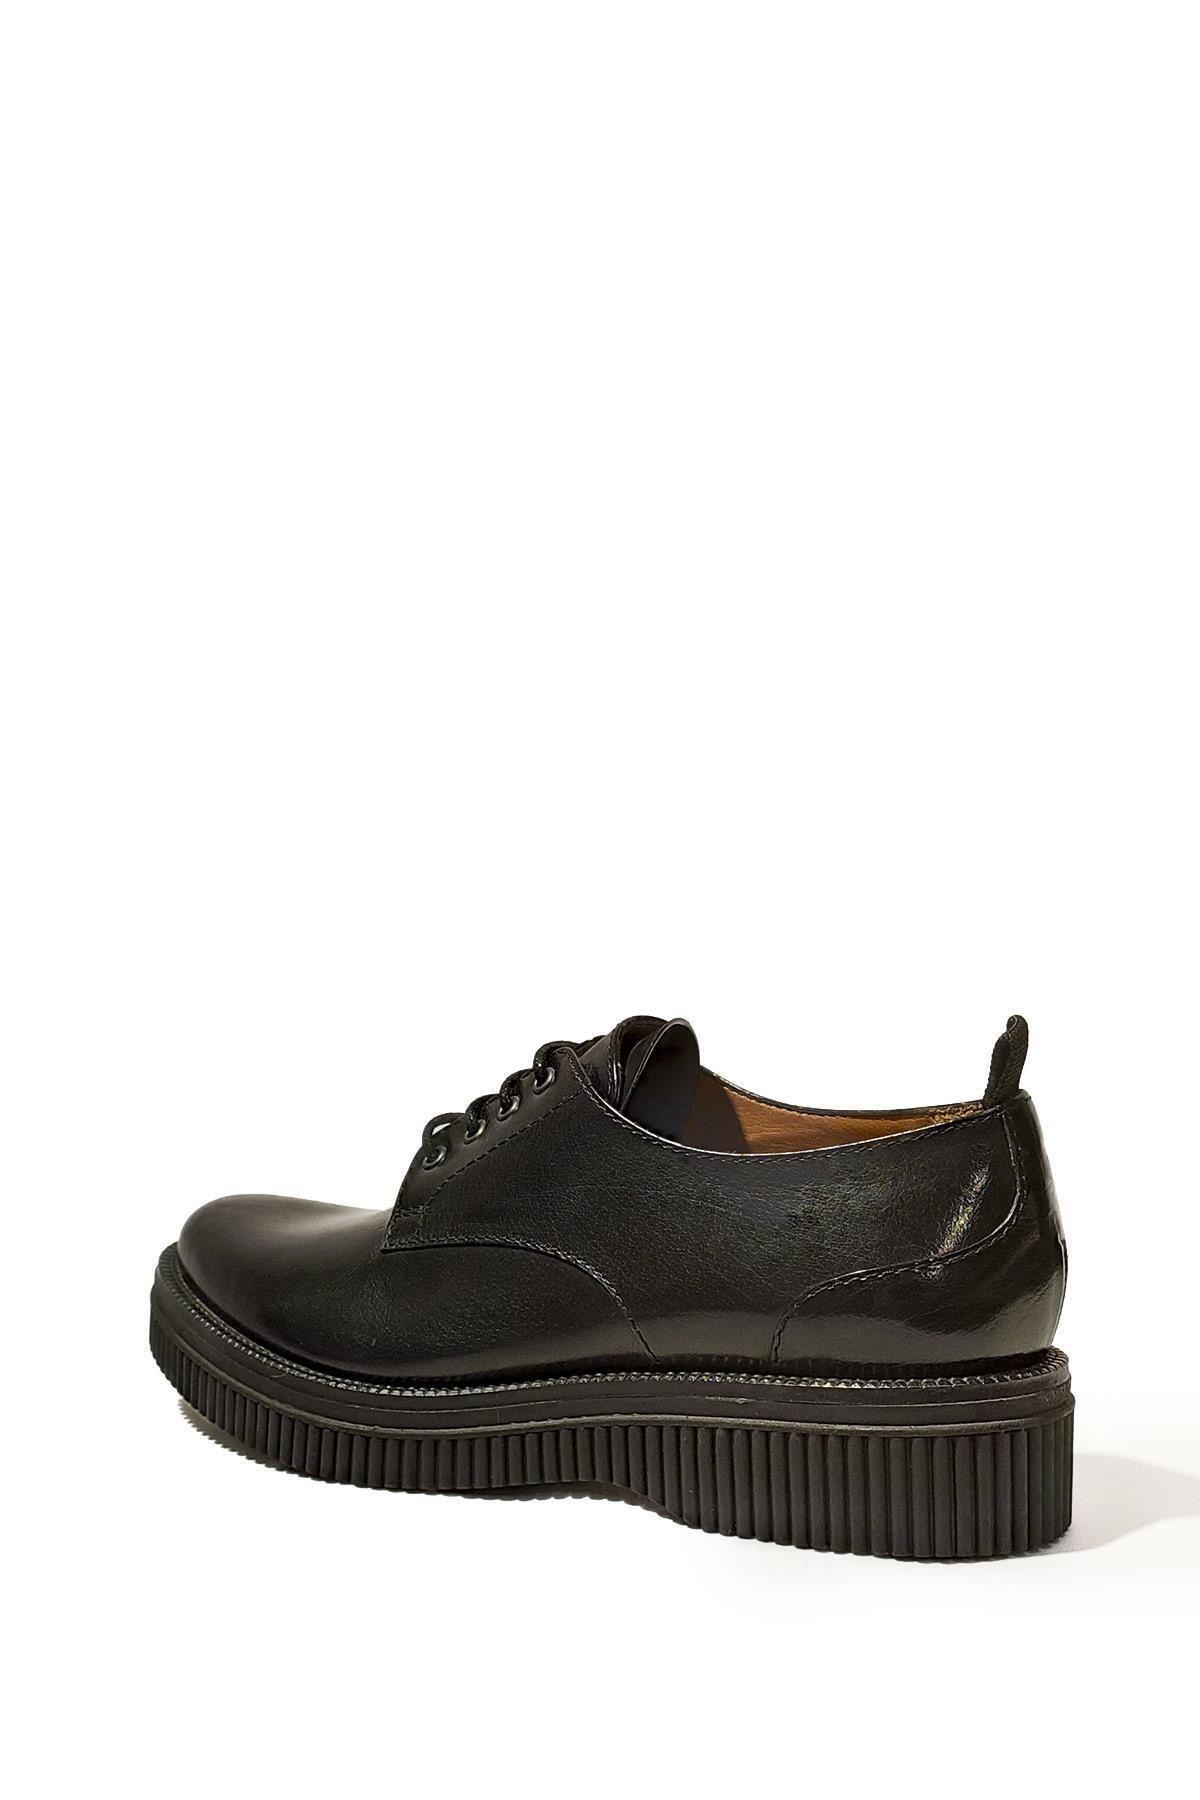 Nursace Hakiki Deri Klasik Ayakkabı Nsc17k-a53861 2